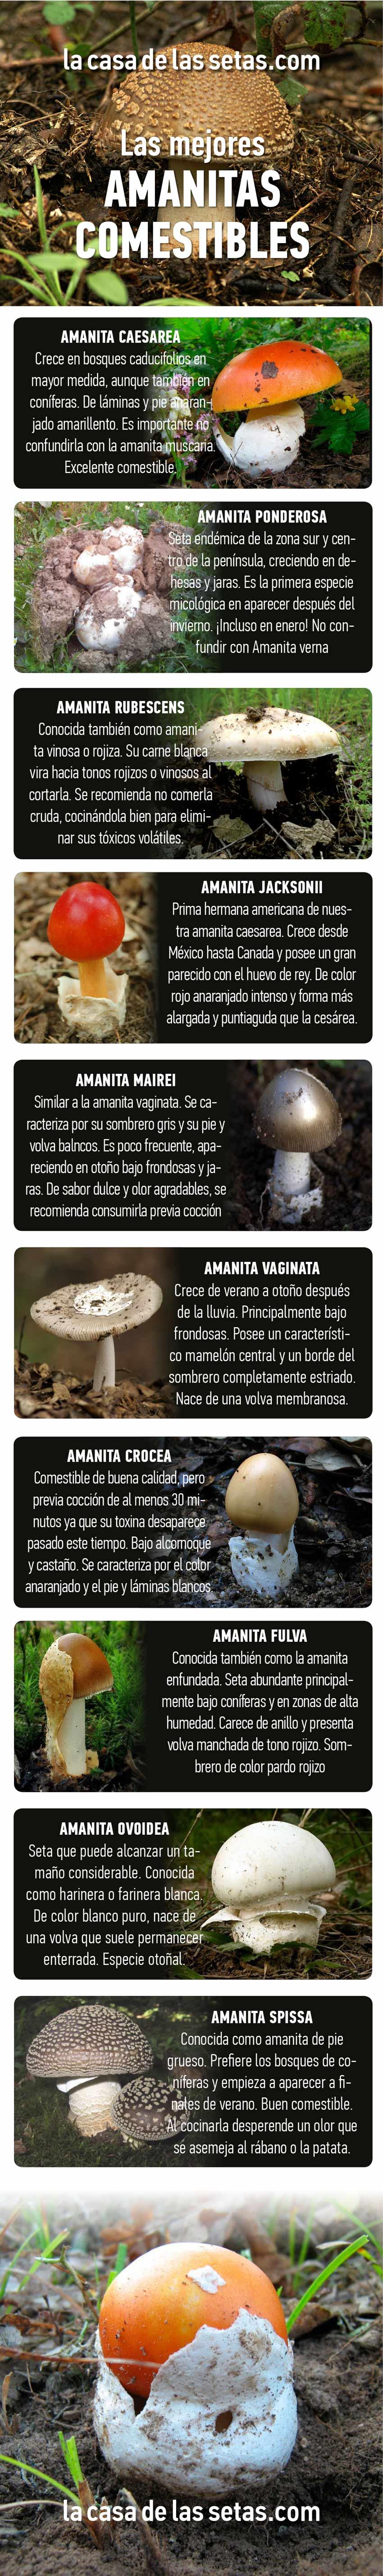 fotos de amanitas - amanitas comestibles - la casa de las setas